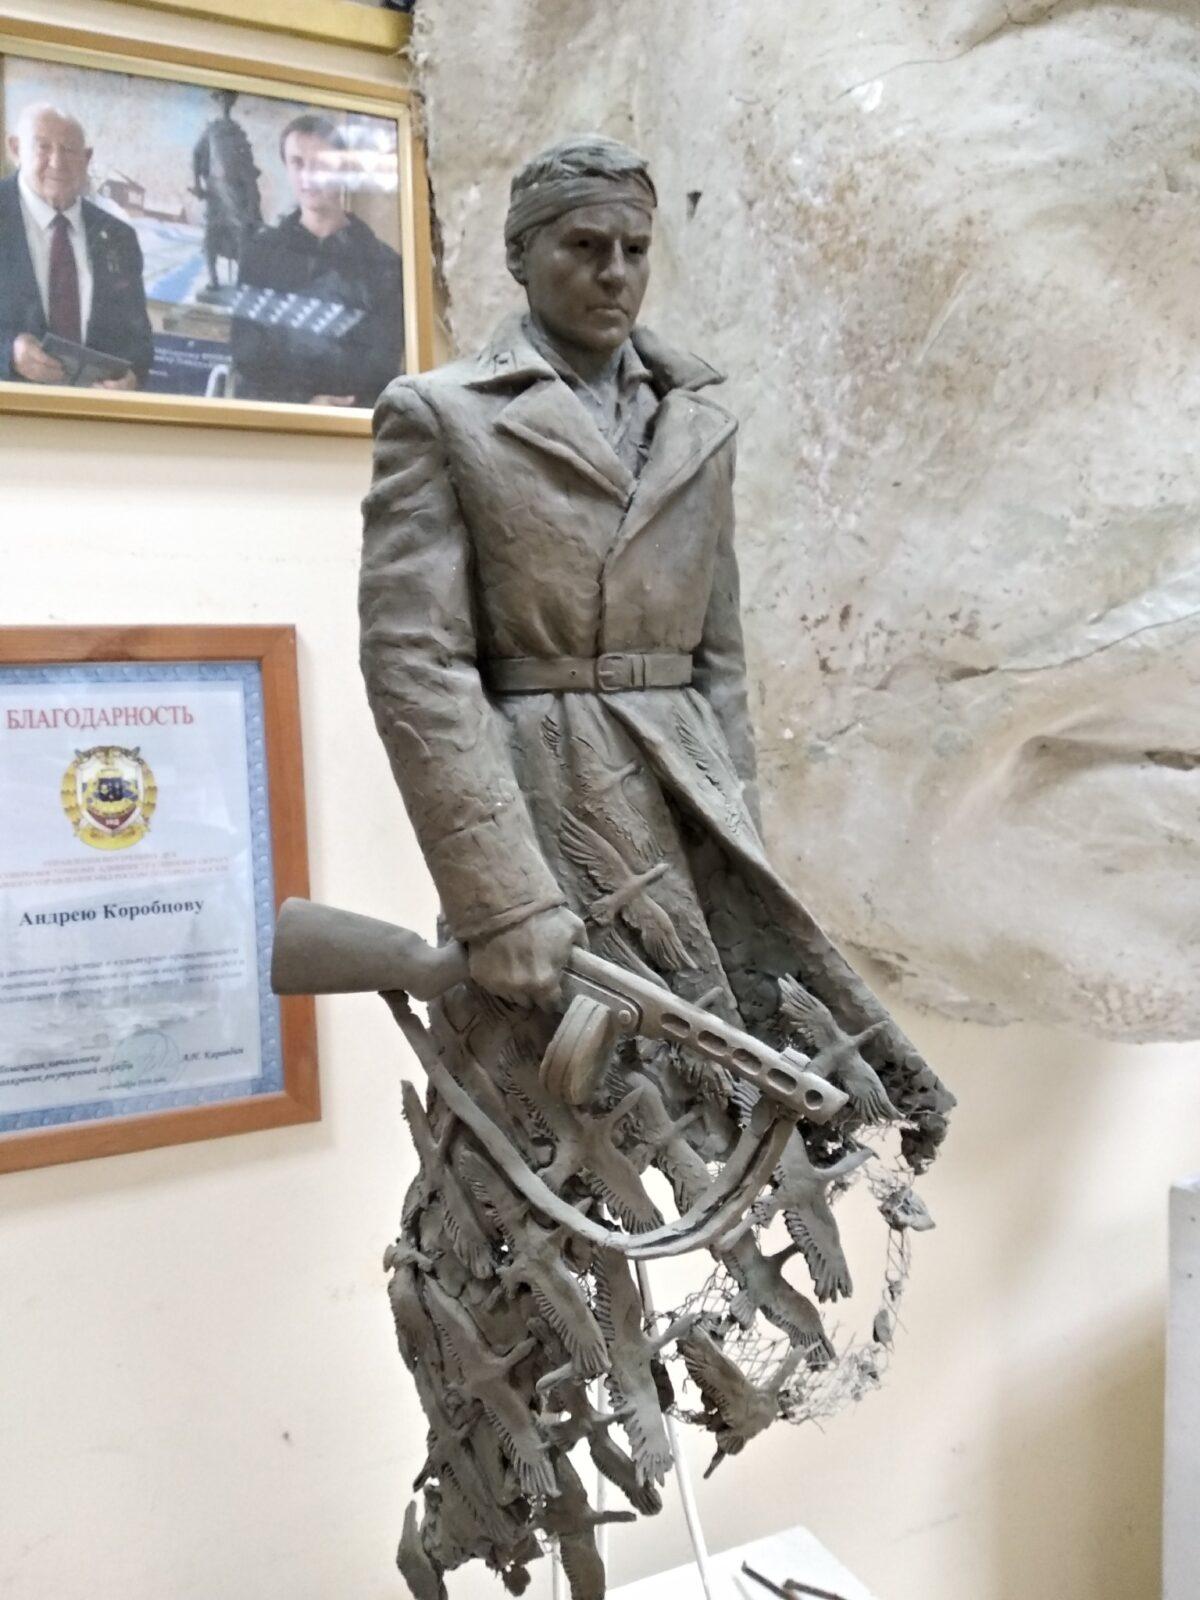 Солдату Ржевского мемориала чуть не забинтовали голову